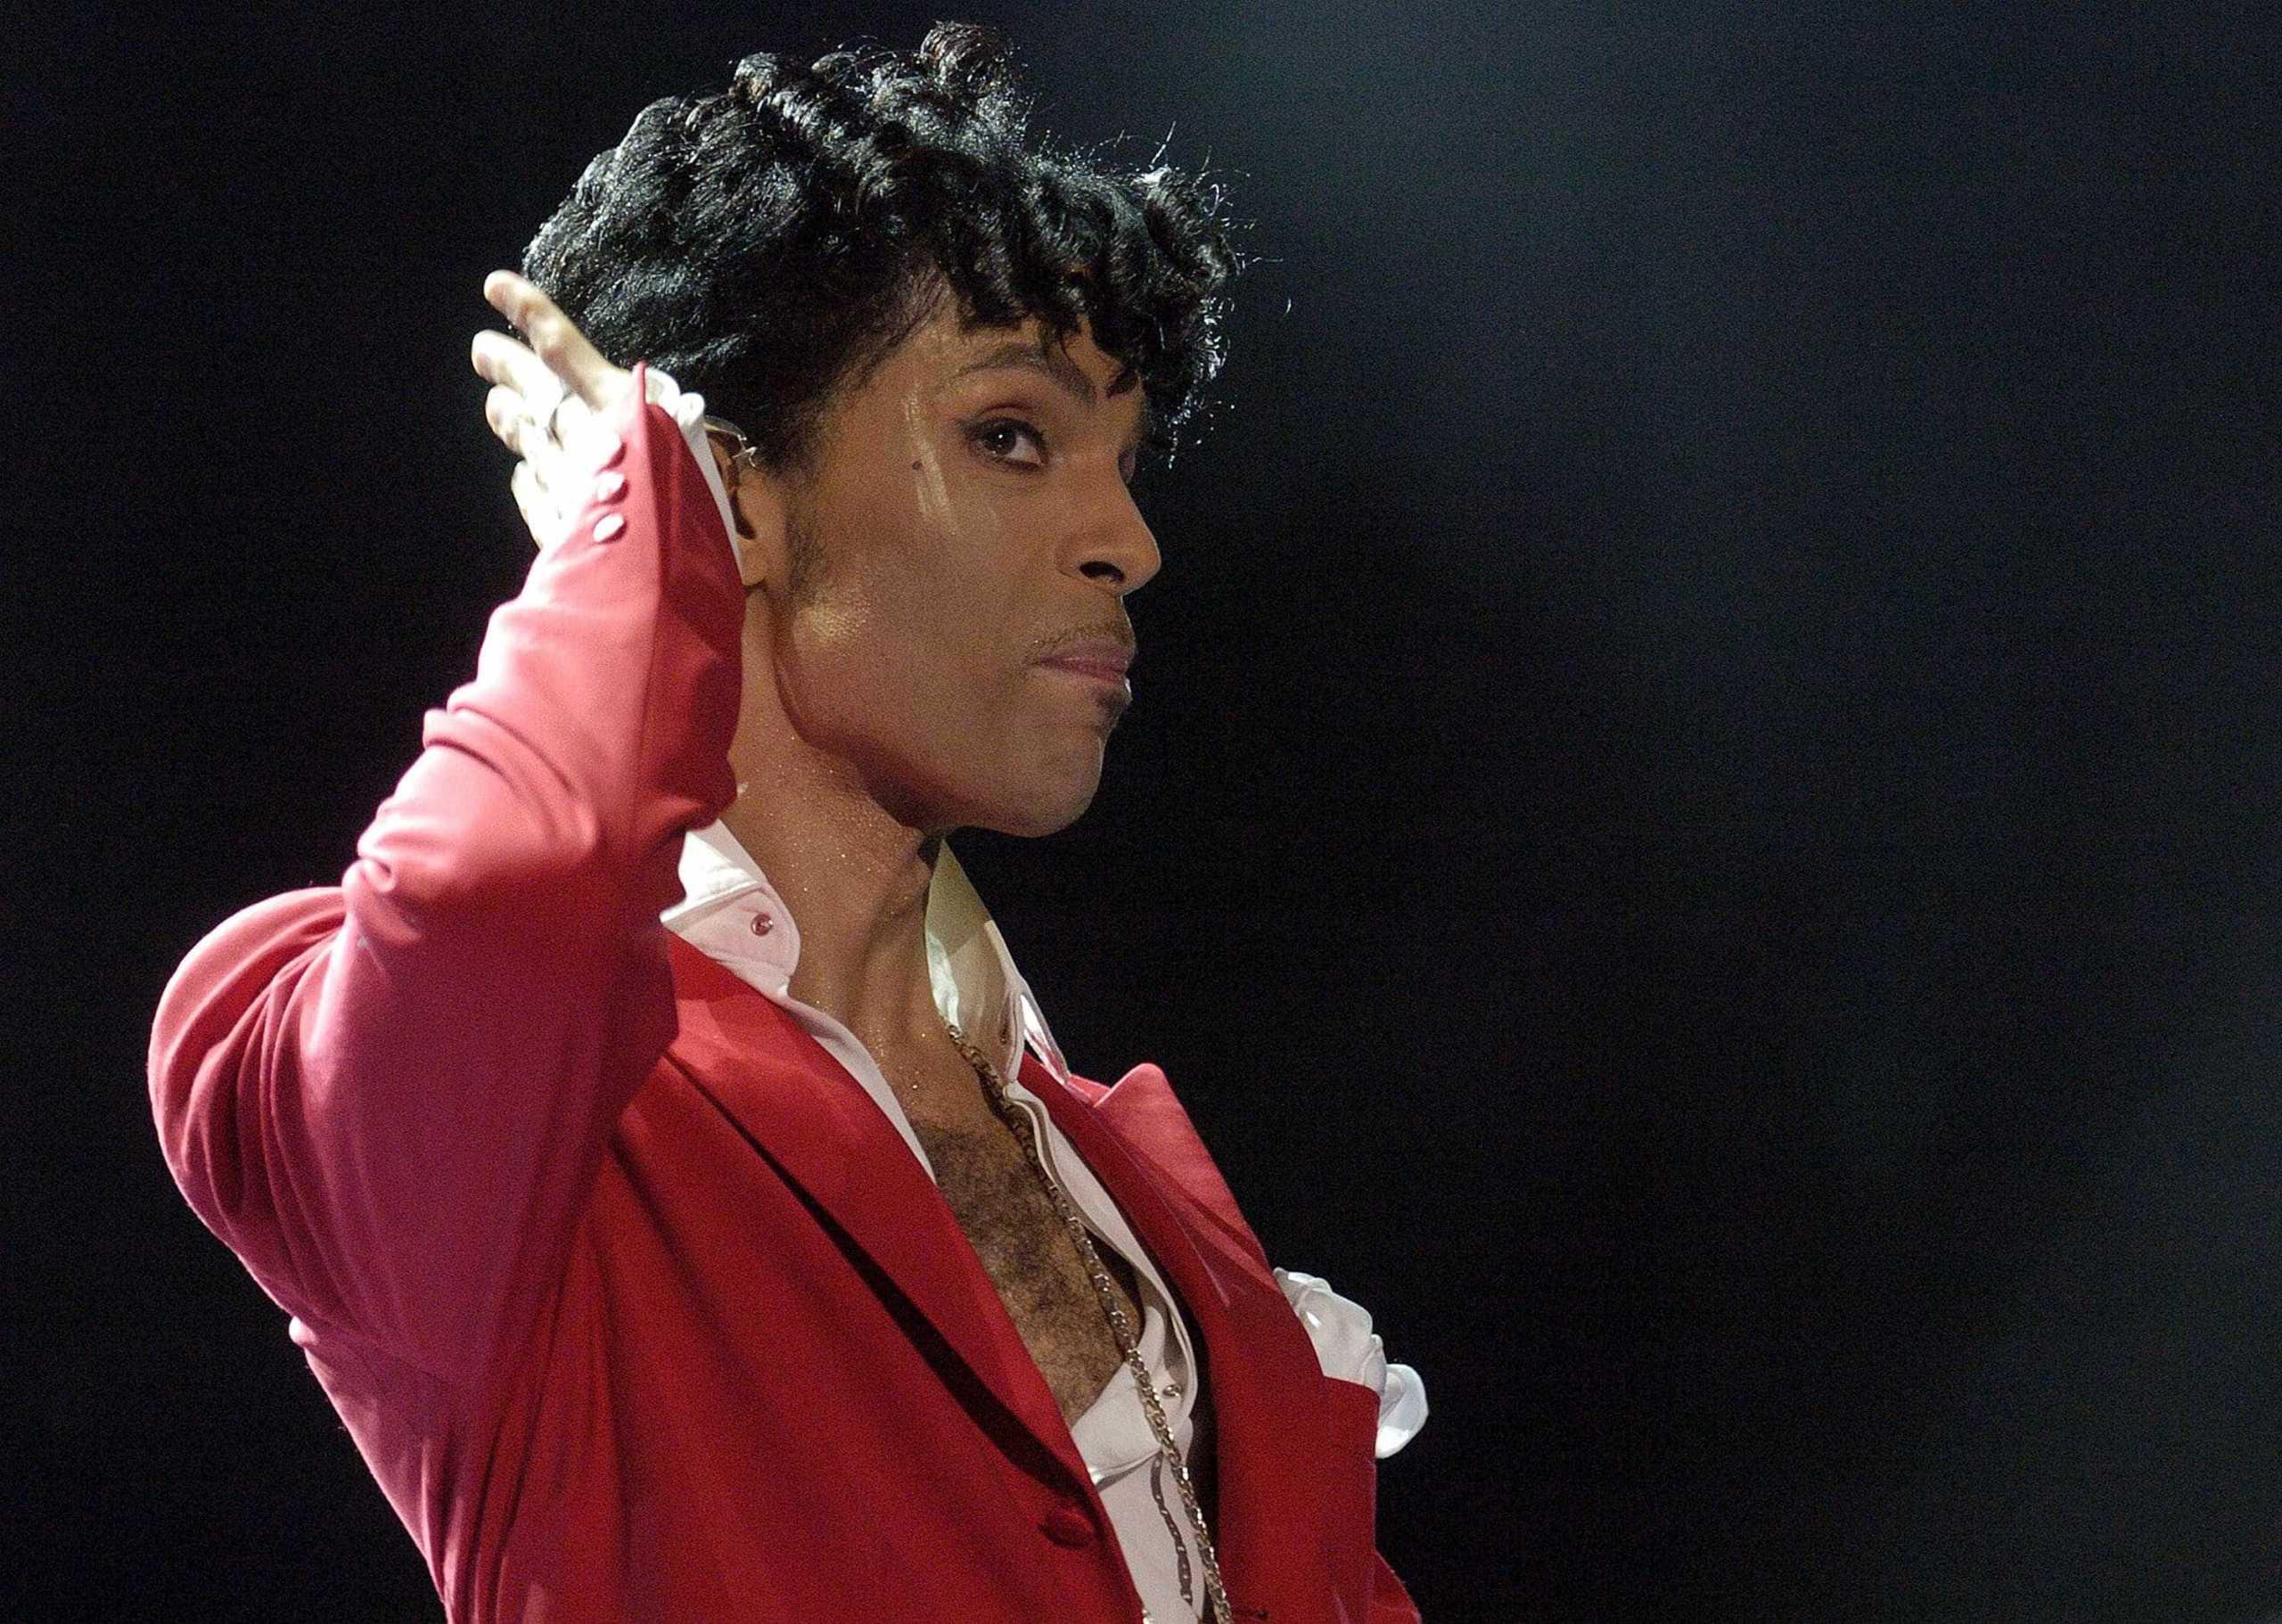 Médico que receitou opióide para Prince de forma ilegal paga multa de 300 mil dólares